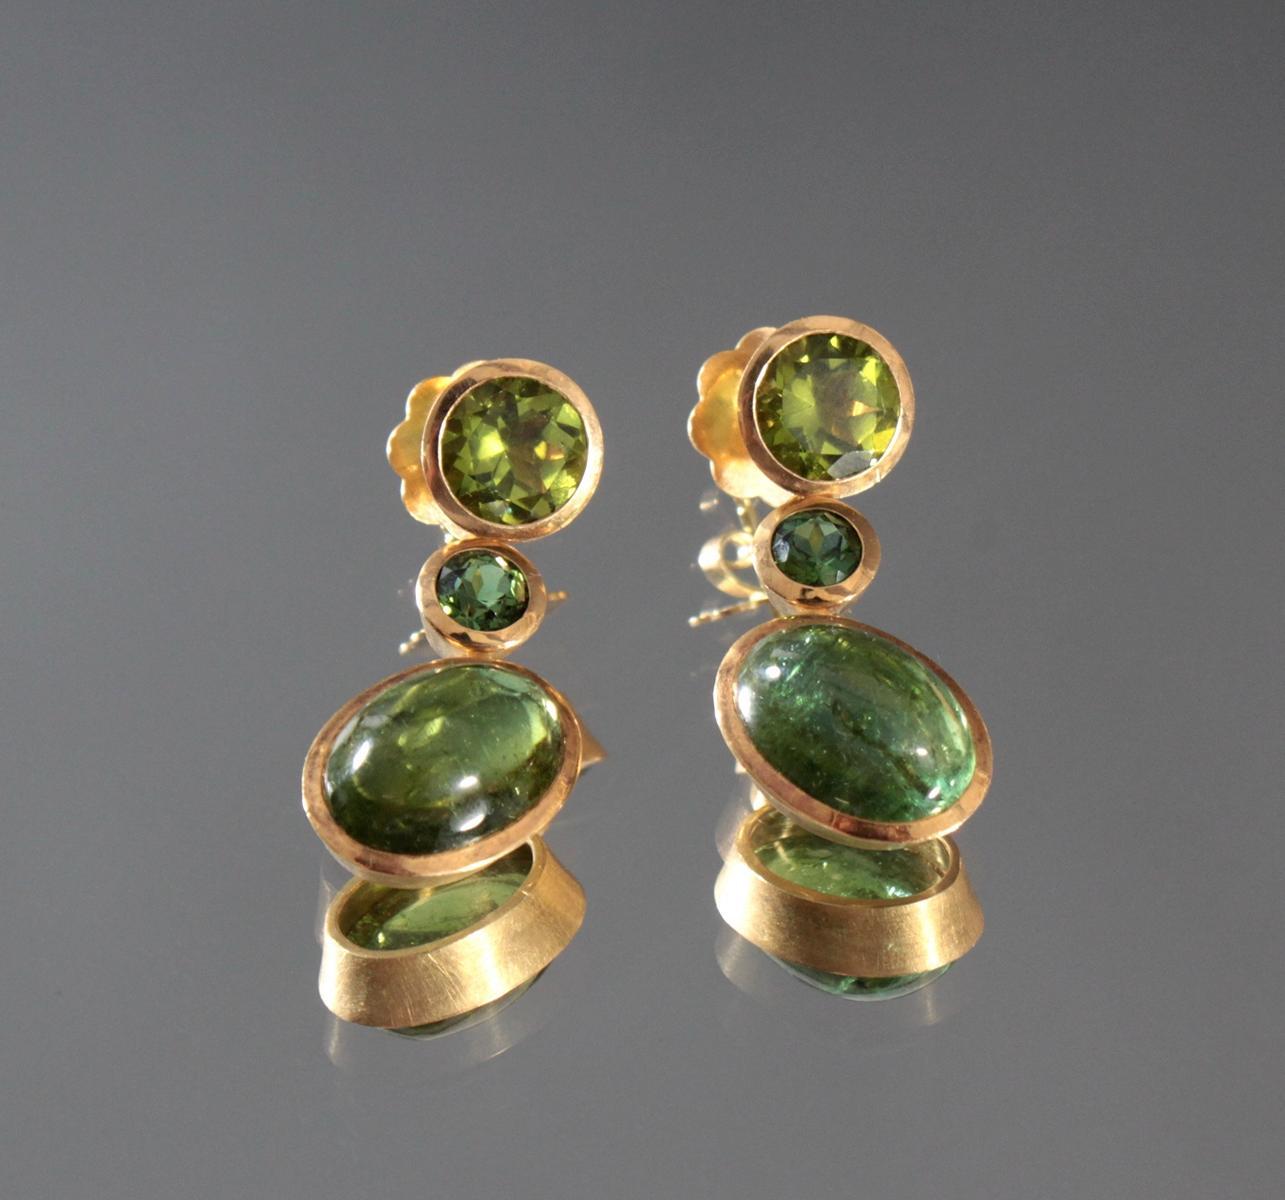 Paar Ohrgehänge mit Turmalin und Peridot, 18 Karat Gelbgold